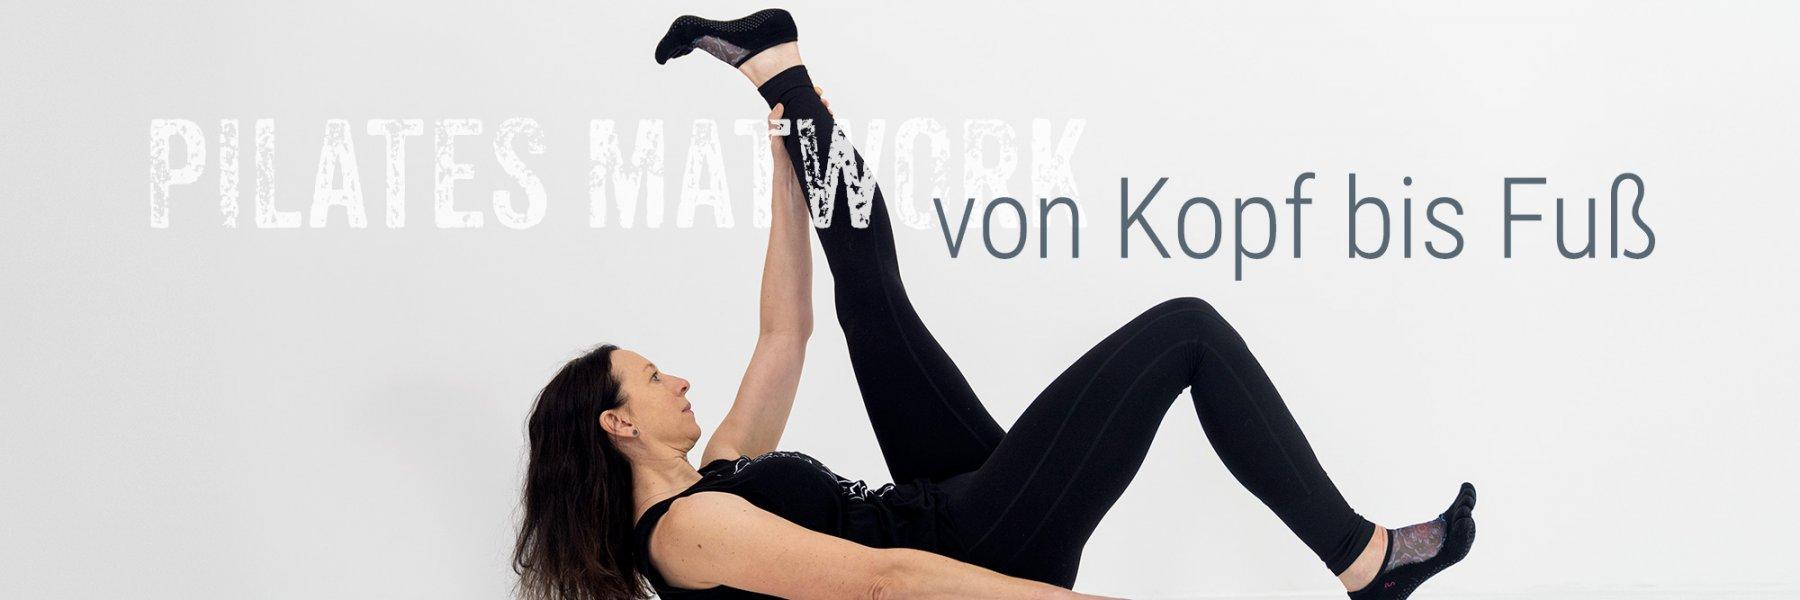 Pilates Matwork von Kopf bis Fuß